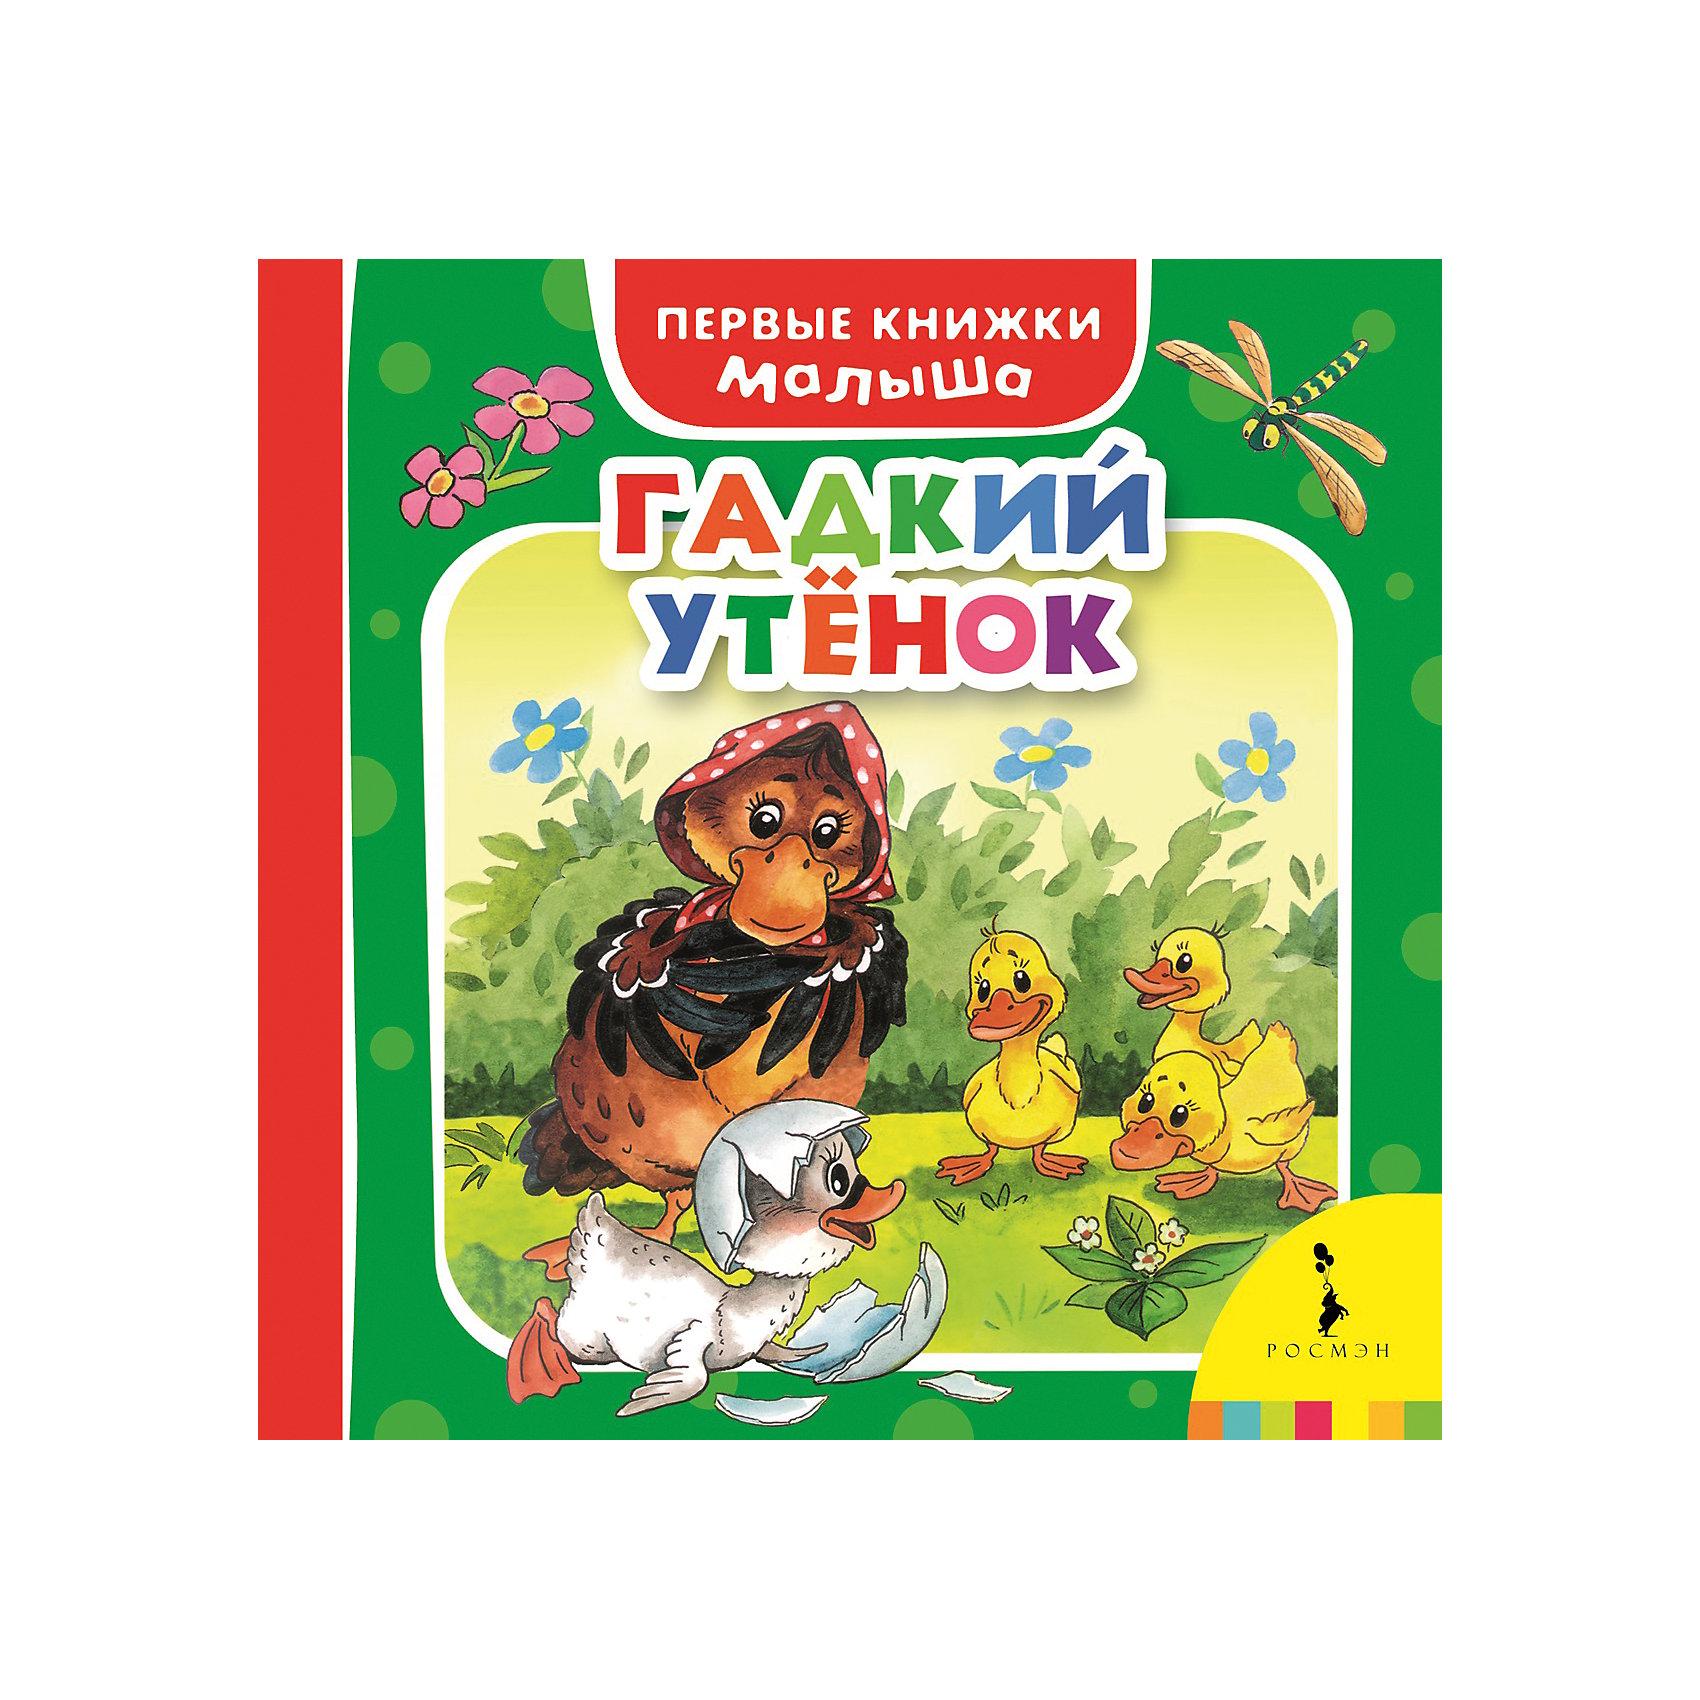 Гадкий утёнок, Первые книжки малыша